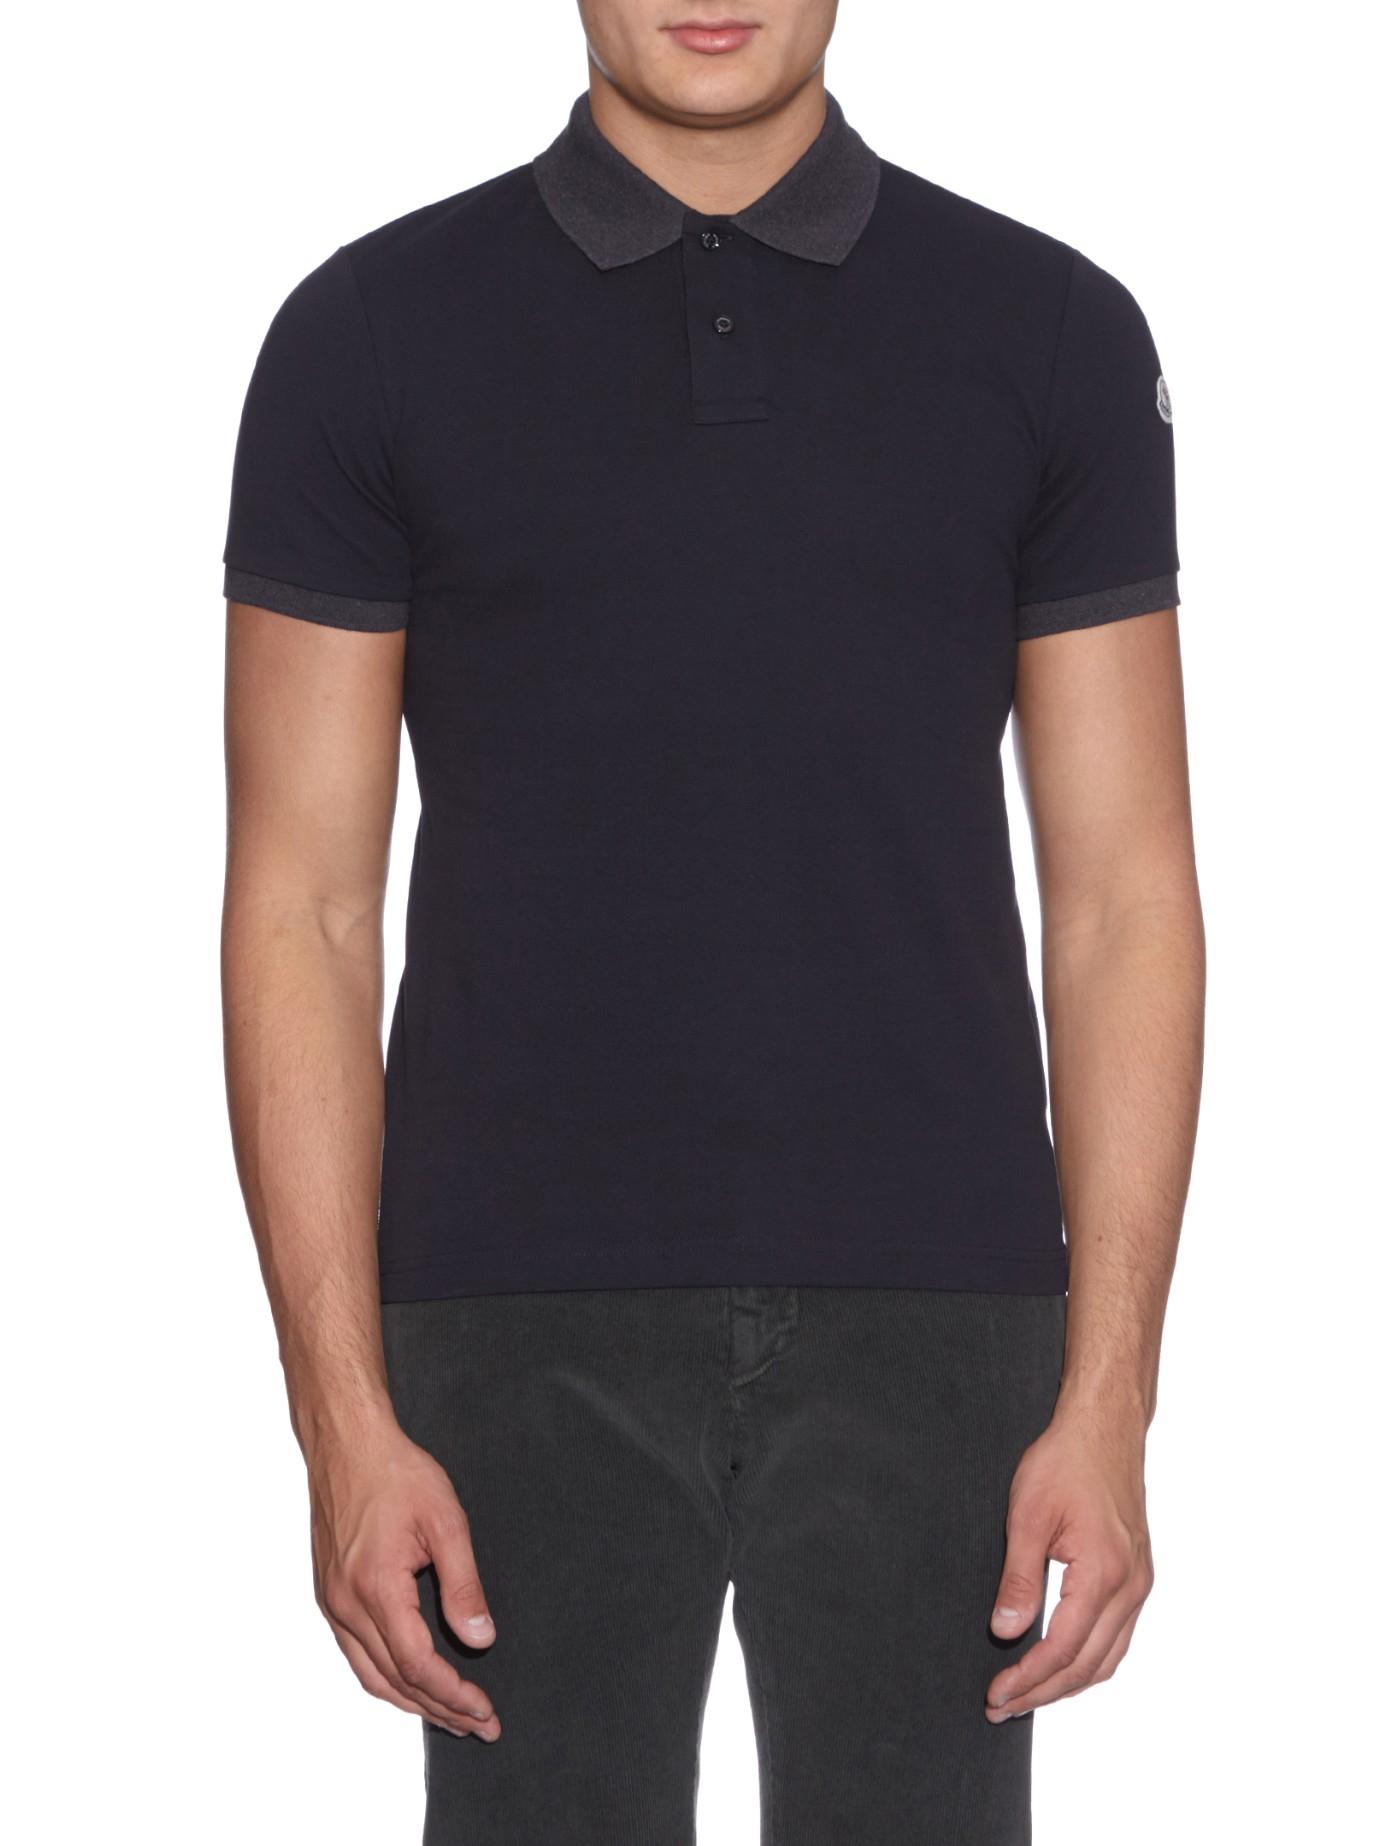 moncler polo shirt navy